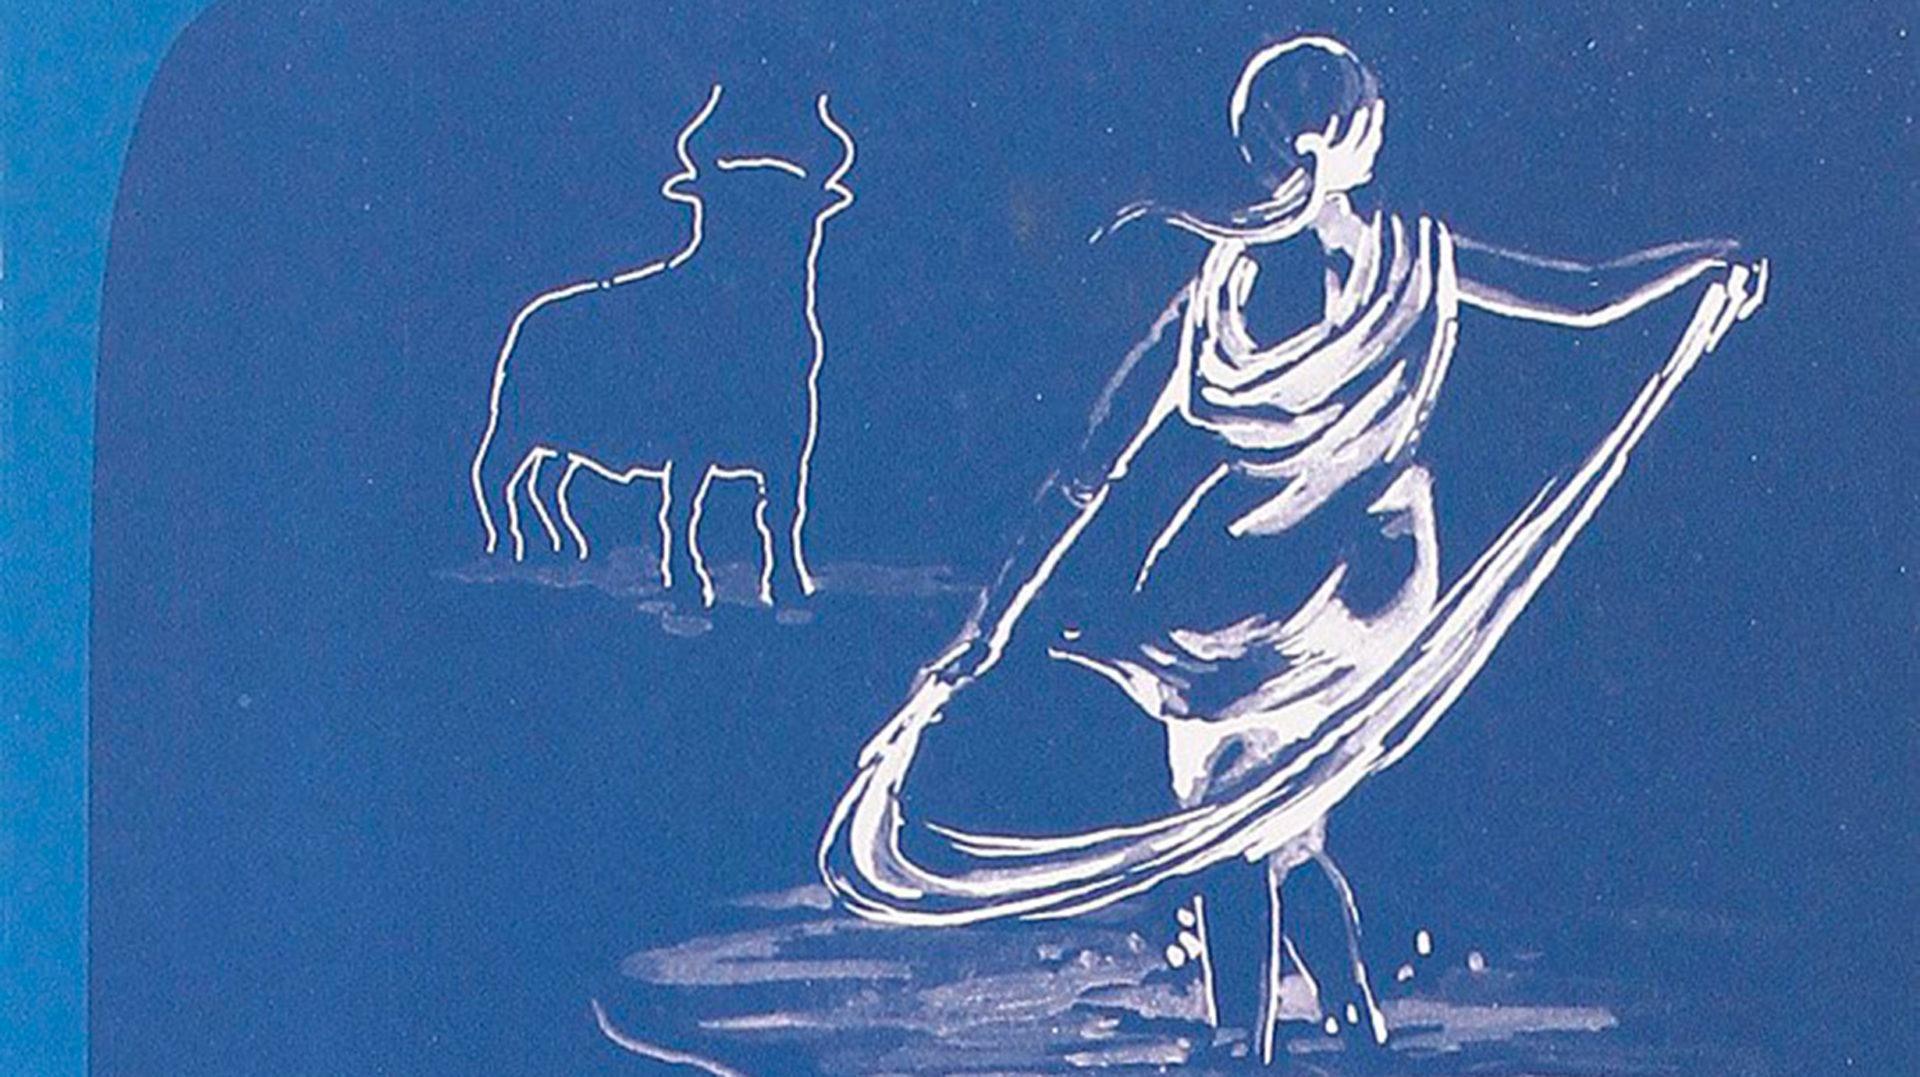 Club de lectura fàcil: 'Mites i llegendes de la Grècia antiga'